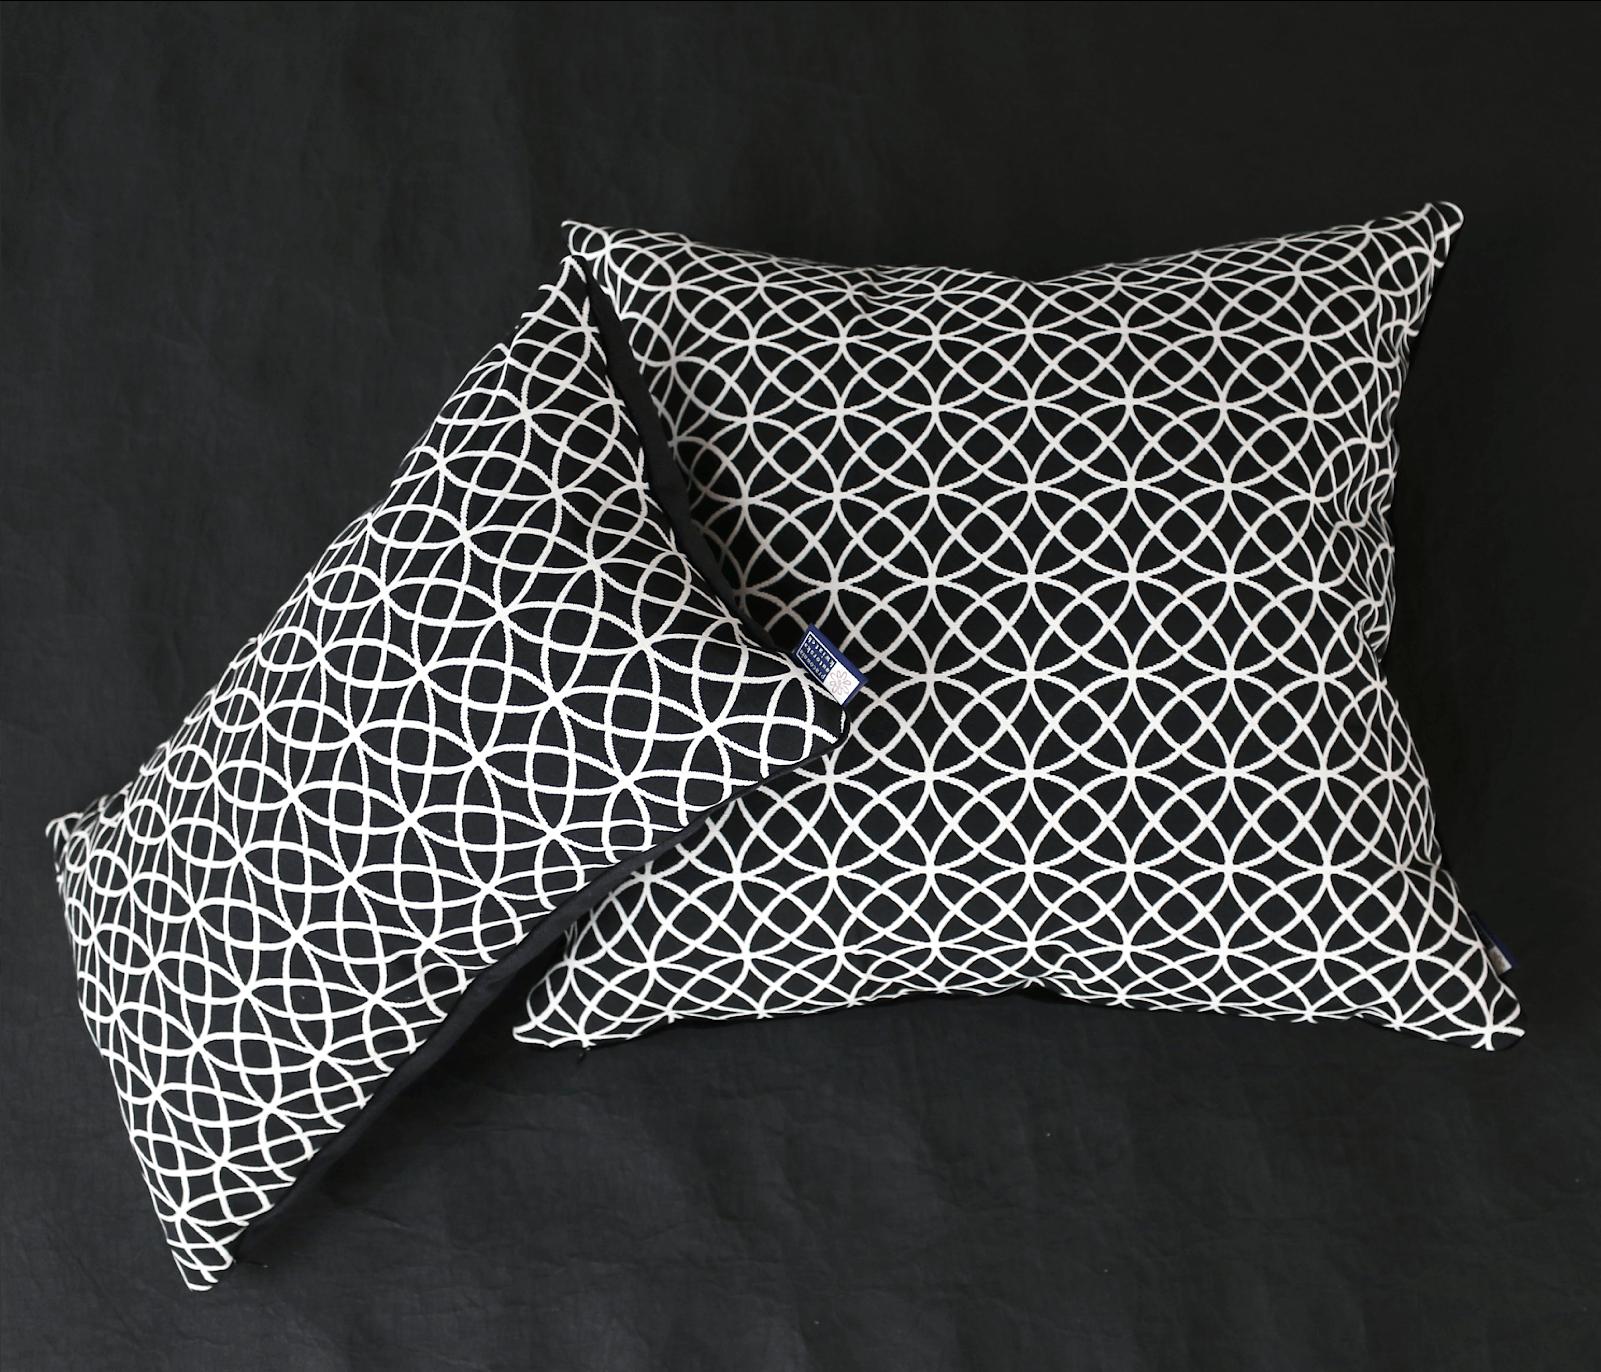 Poduszka Dekoracyjna żakard Przeplatane Koła 50x50